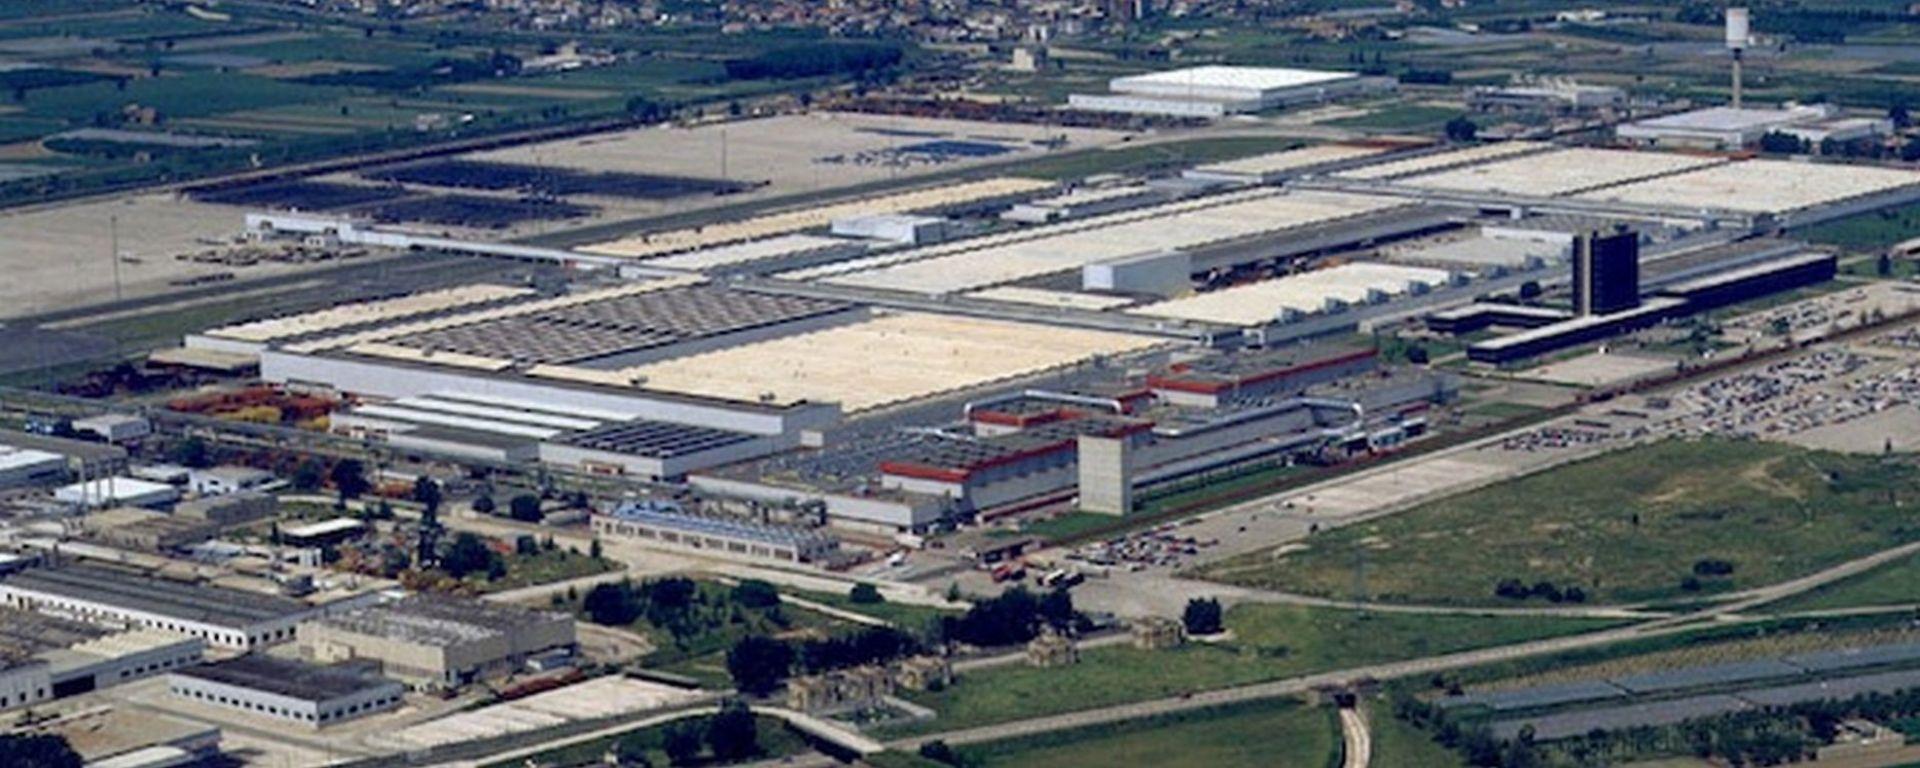 Lo stabilimento FCA di Pomigliano d'Arco